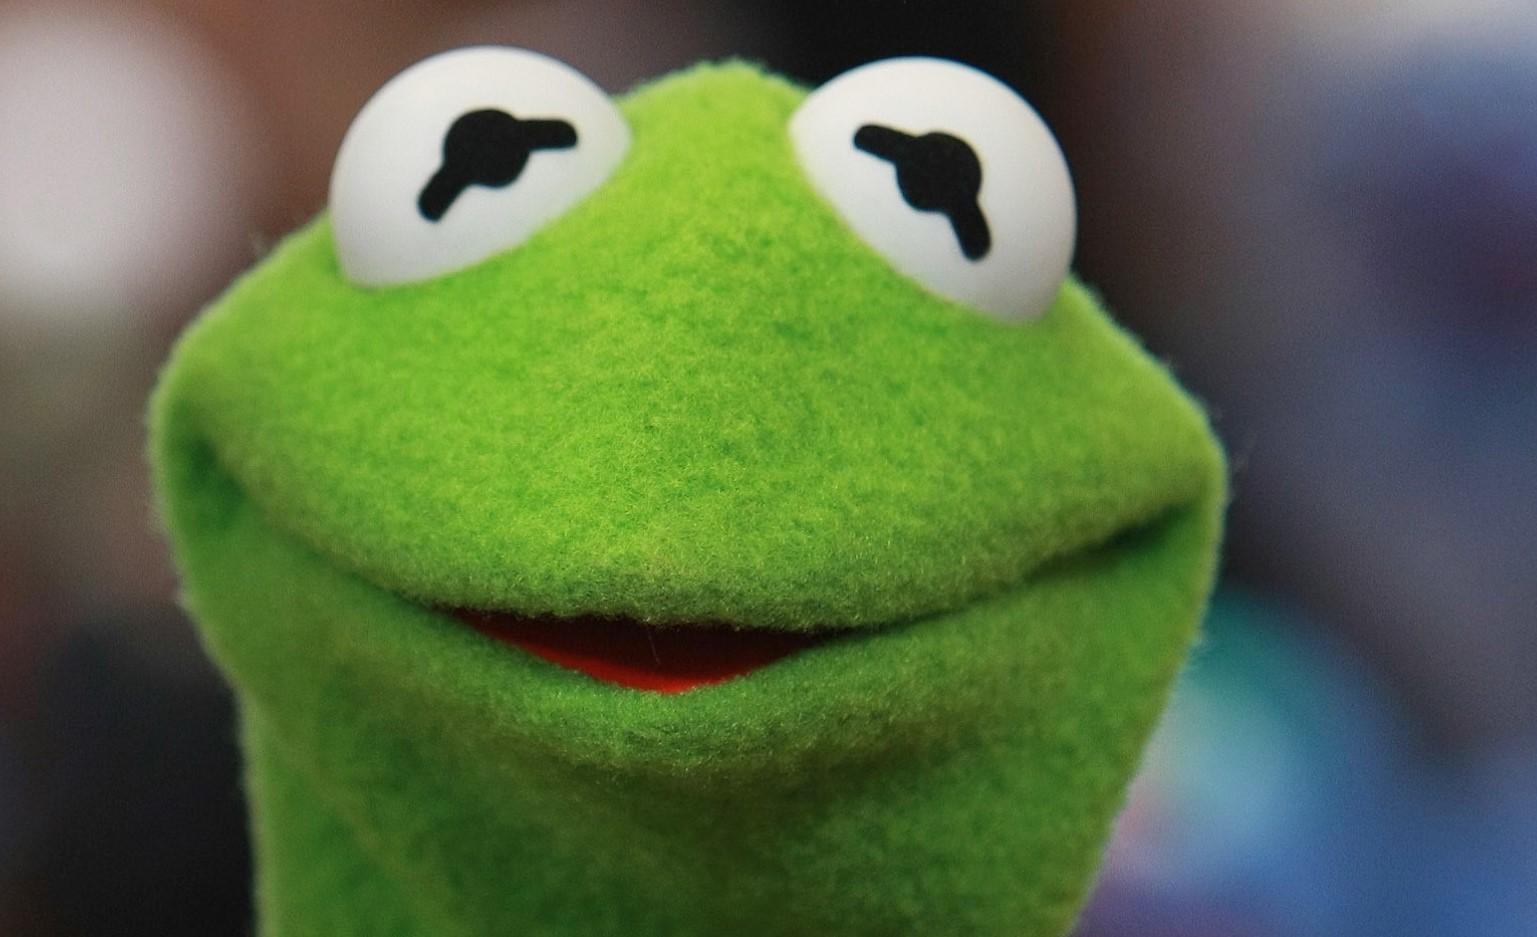 kermit de kikker is na een jarenlange drugsverslaving